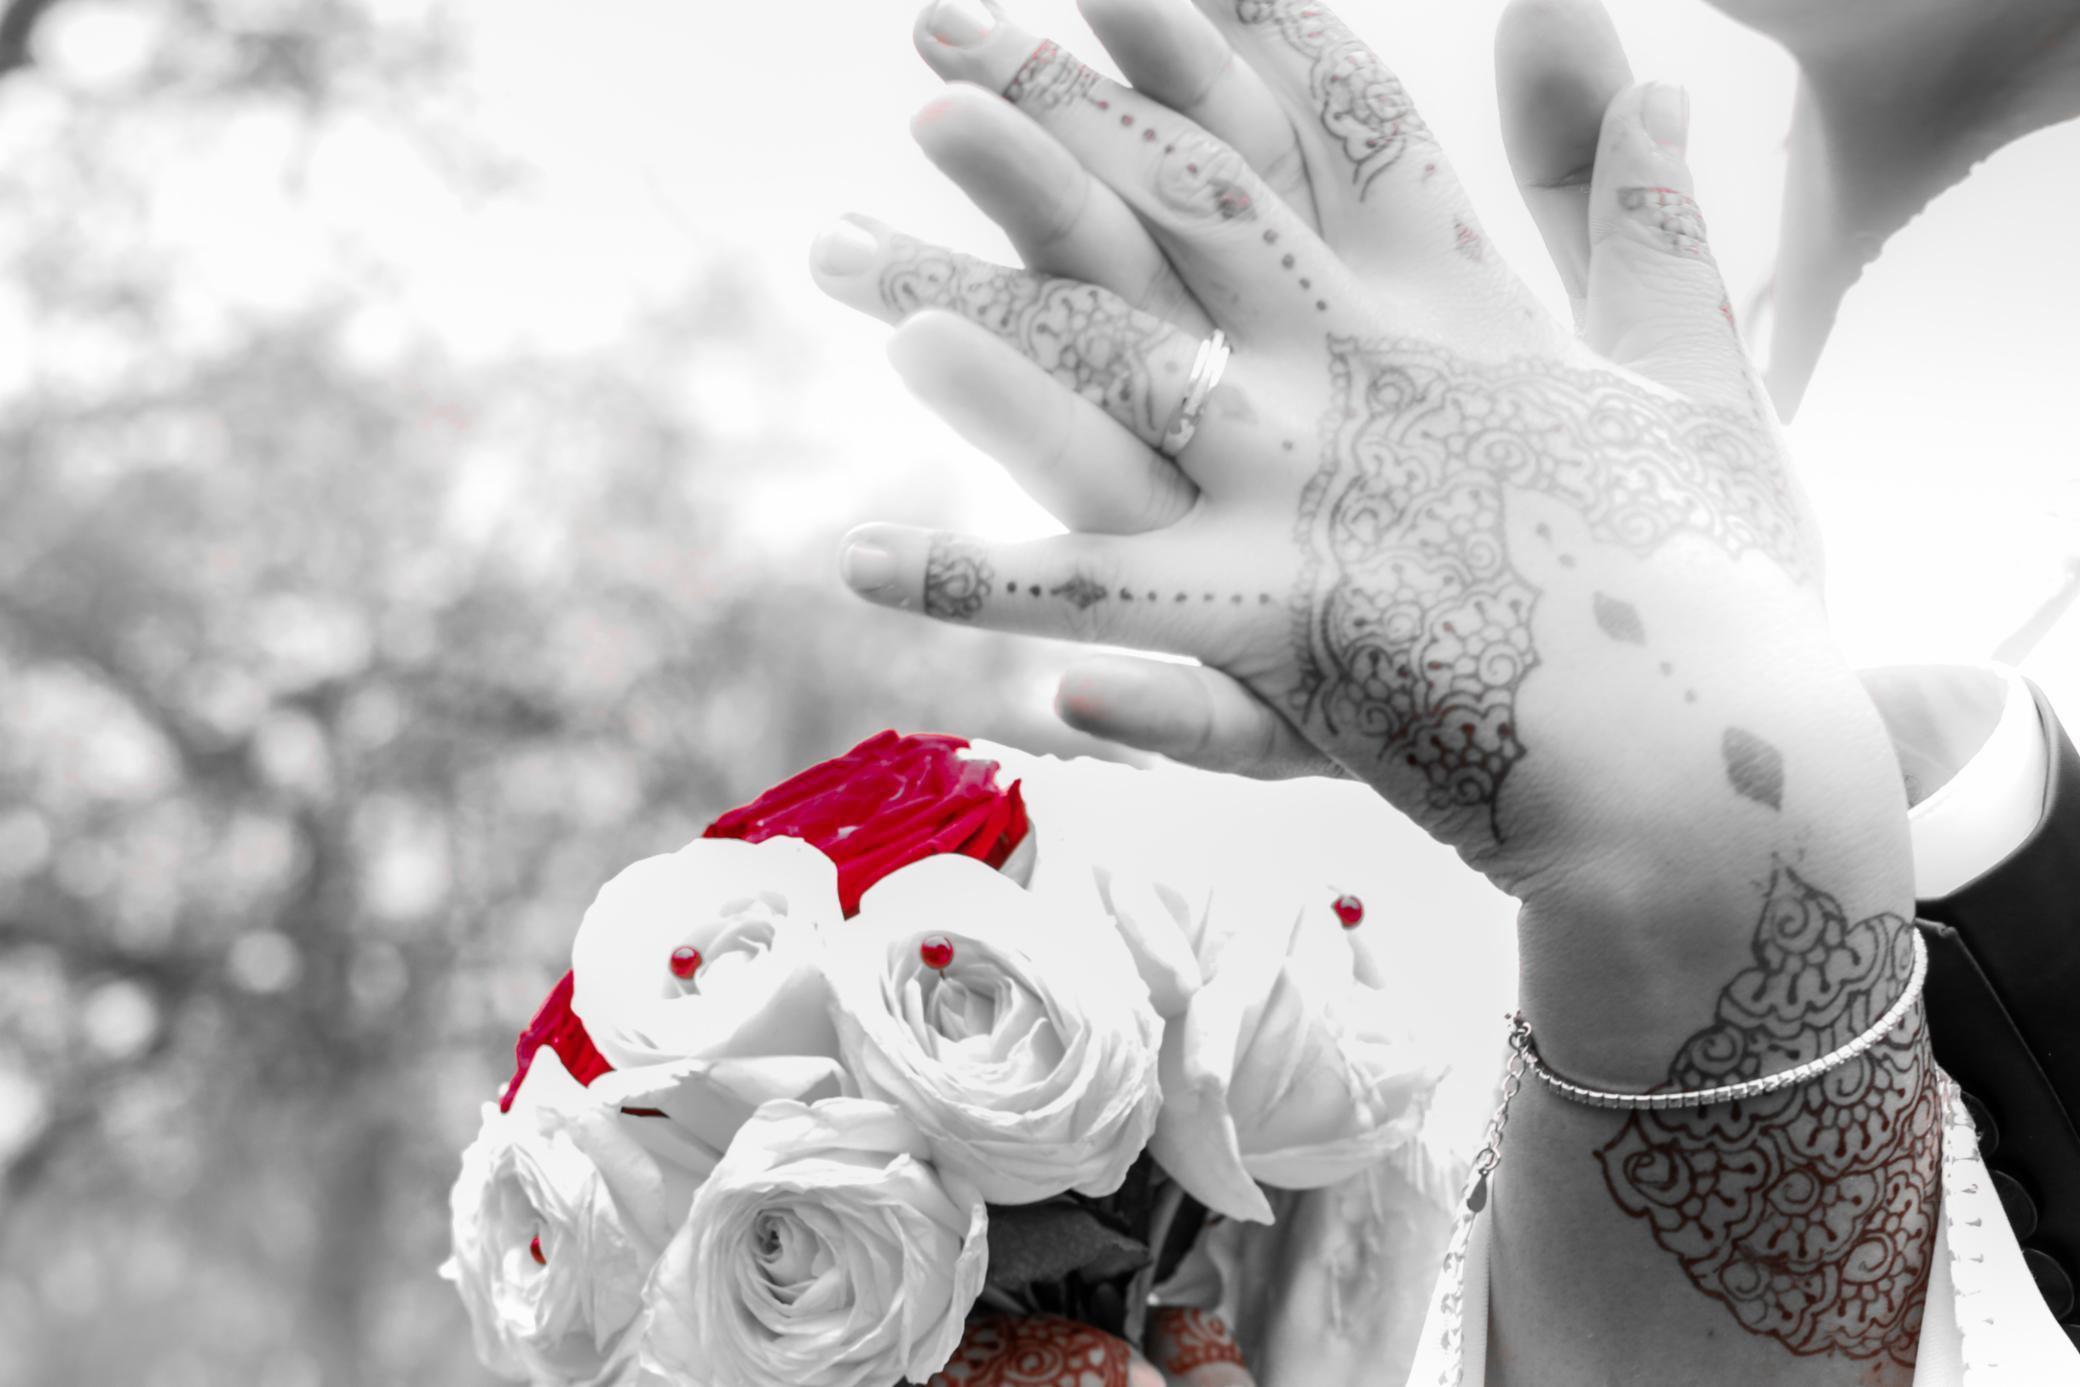 Mariage Meaux Mariage Photo de mariage, photo d'anniversaire, photo de famille, photo de spectacle